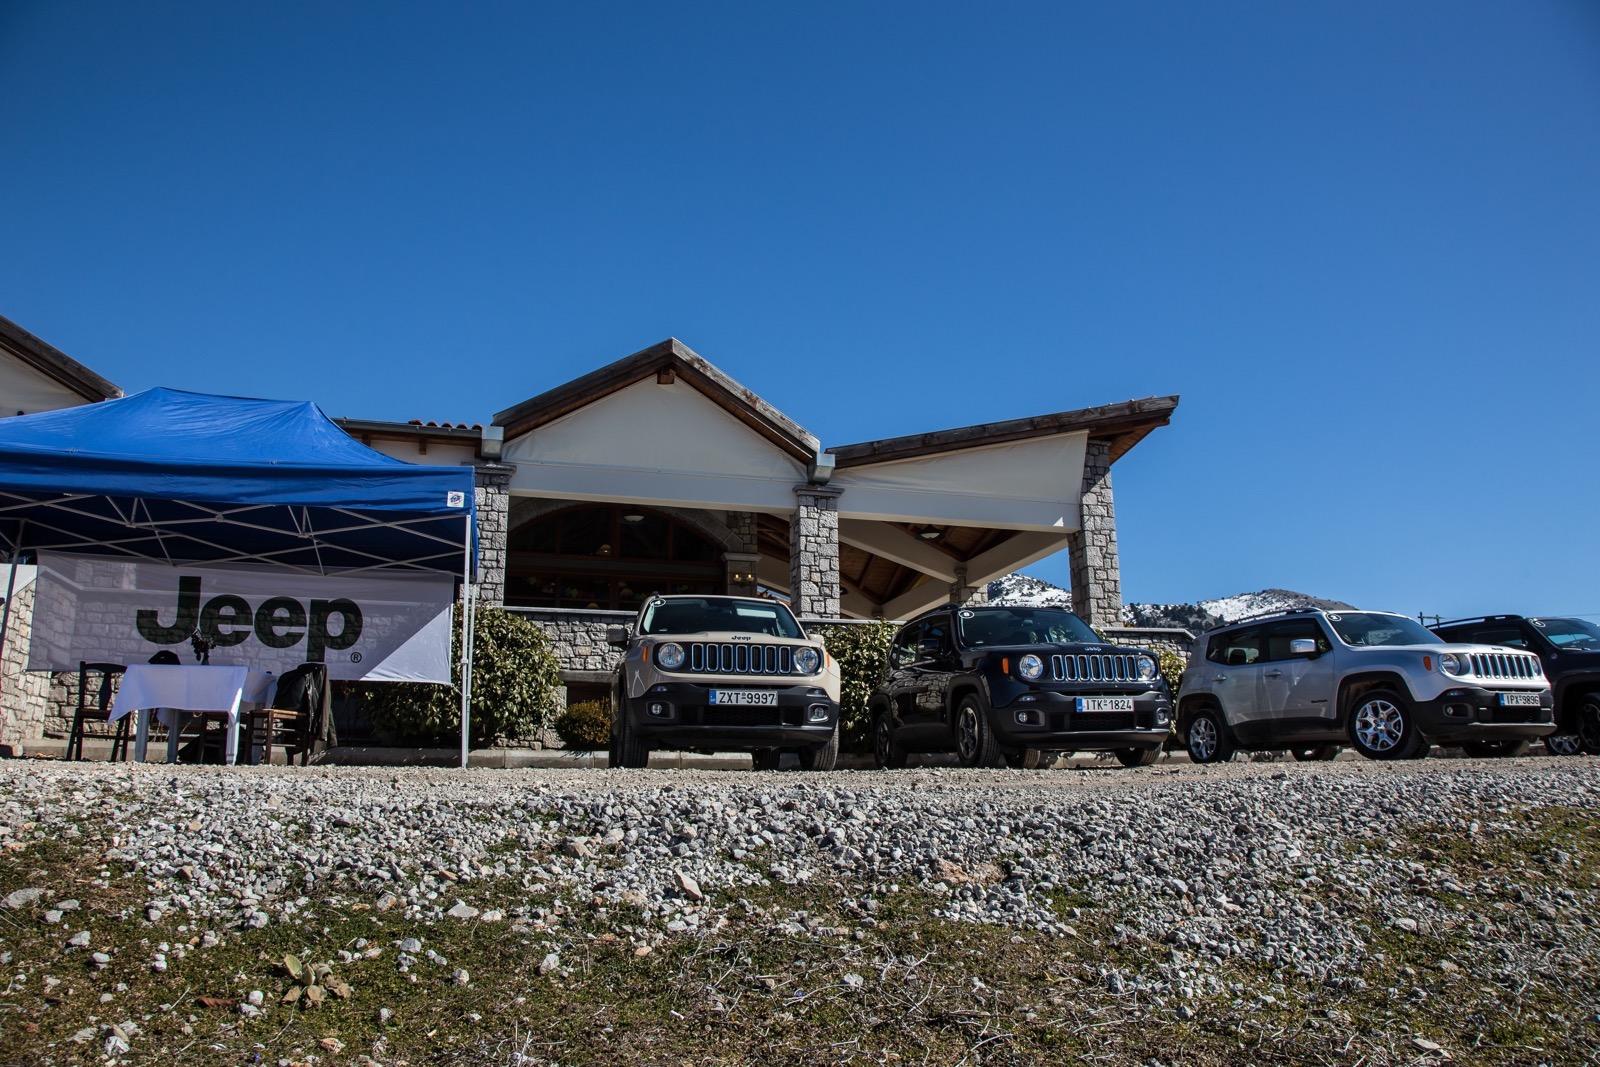 Jeep_Camp_Arahova_88